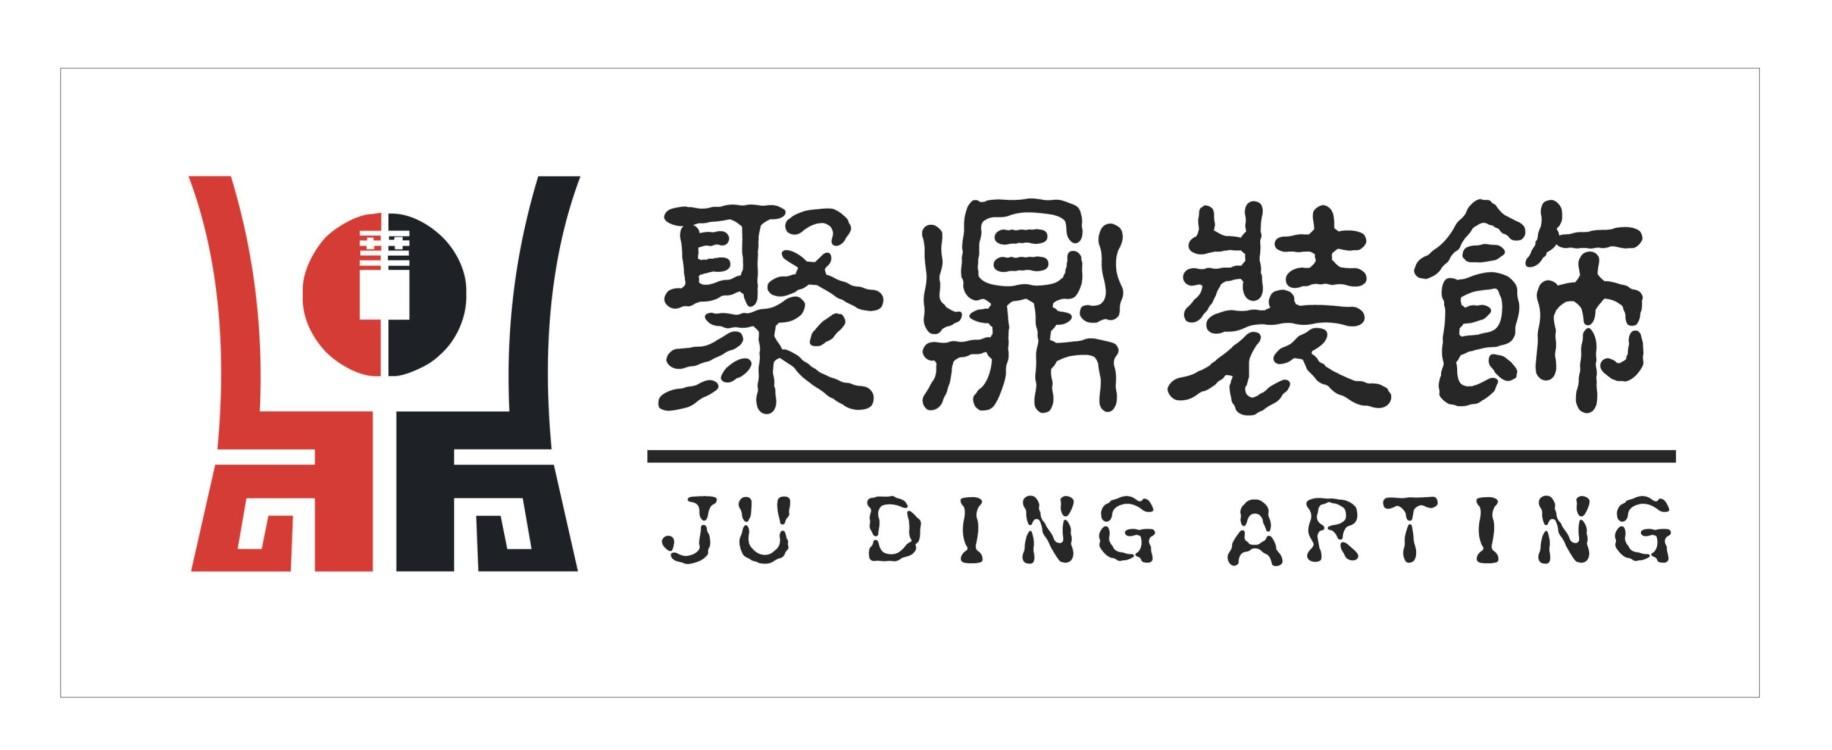 嘉兴市聚鼎建筑装饰工程有限公司 - 嘉兴装修公司